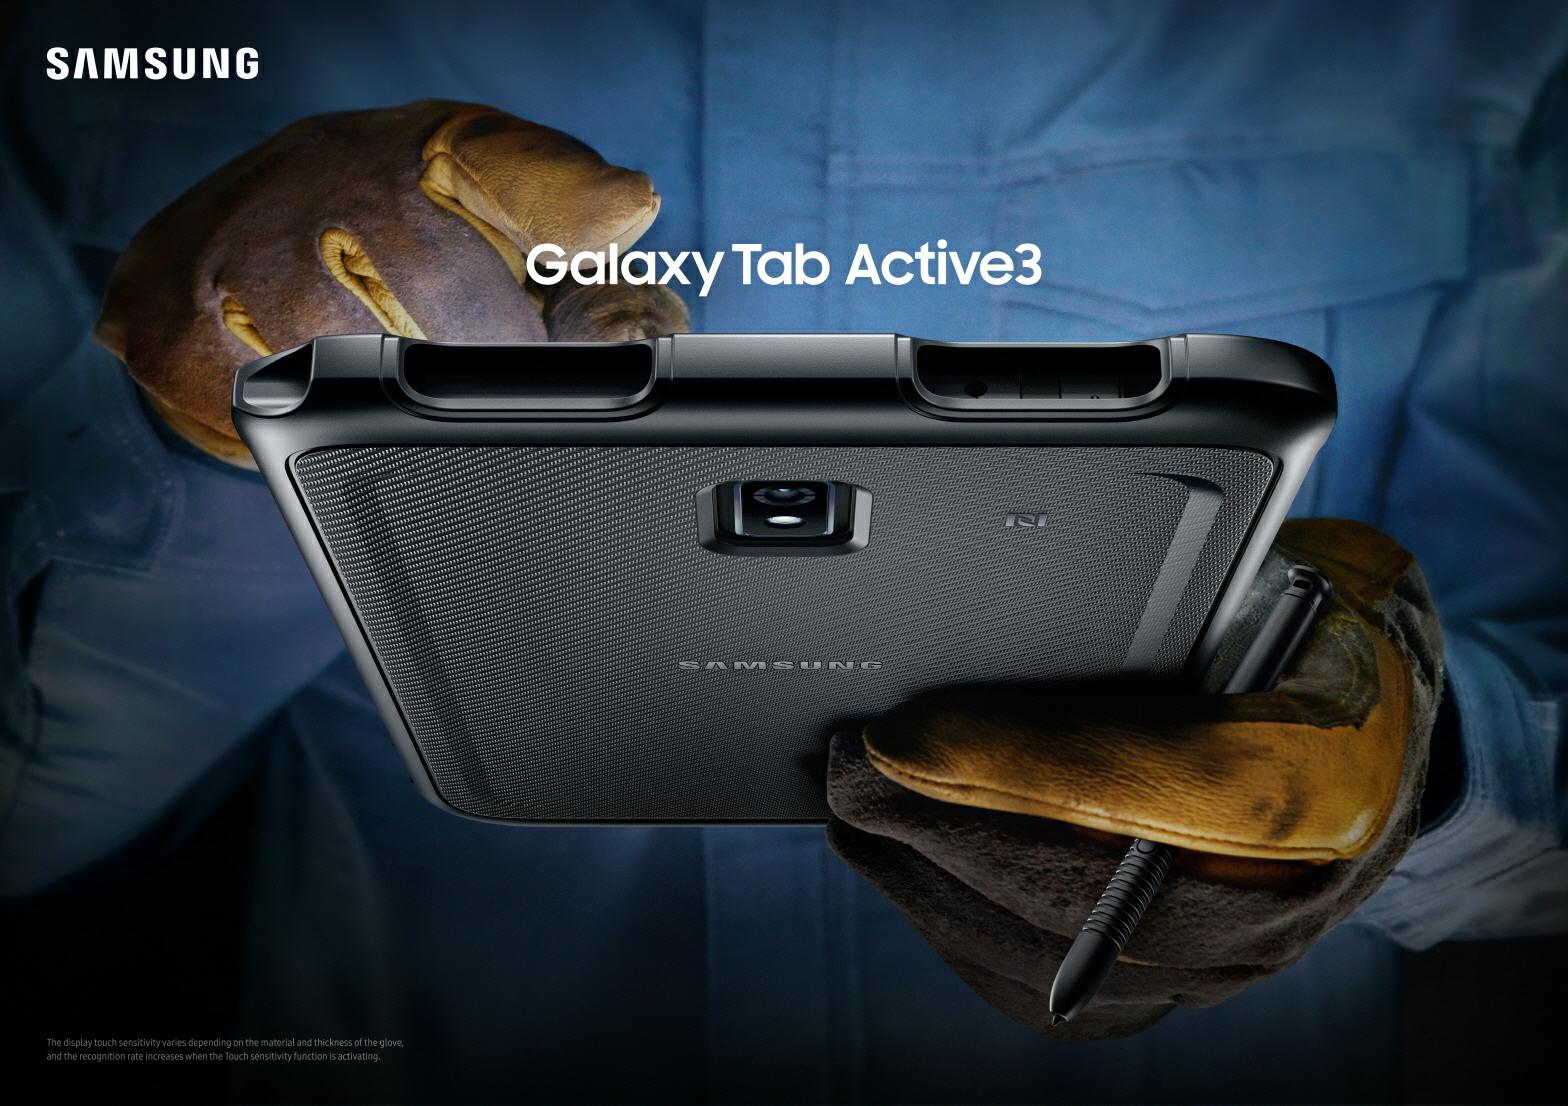 Samsung เปิดตัว Galaxy Tab Active 3 สมาร์ทแท็บเล็ตรุ่นล่าสุดตอบโจทย์ทุกการทำงานที่ท้าทาย